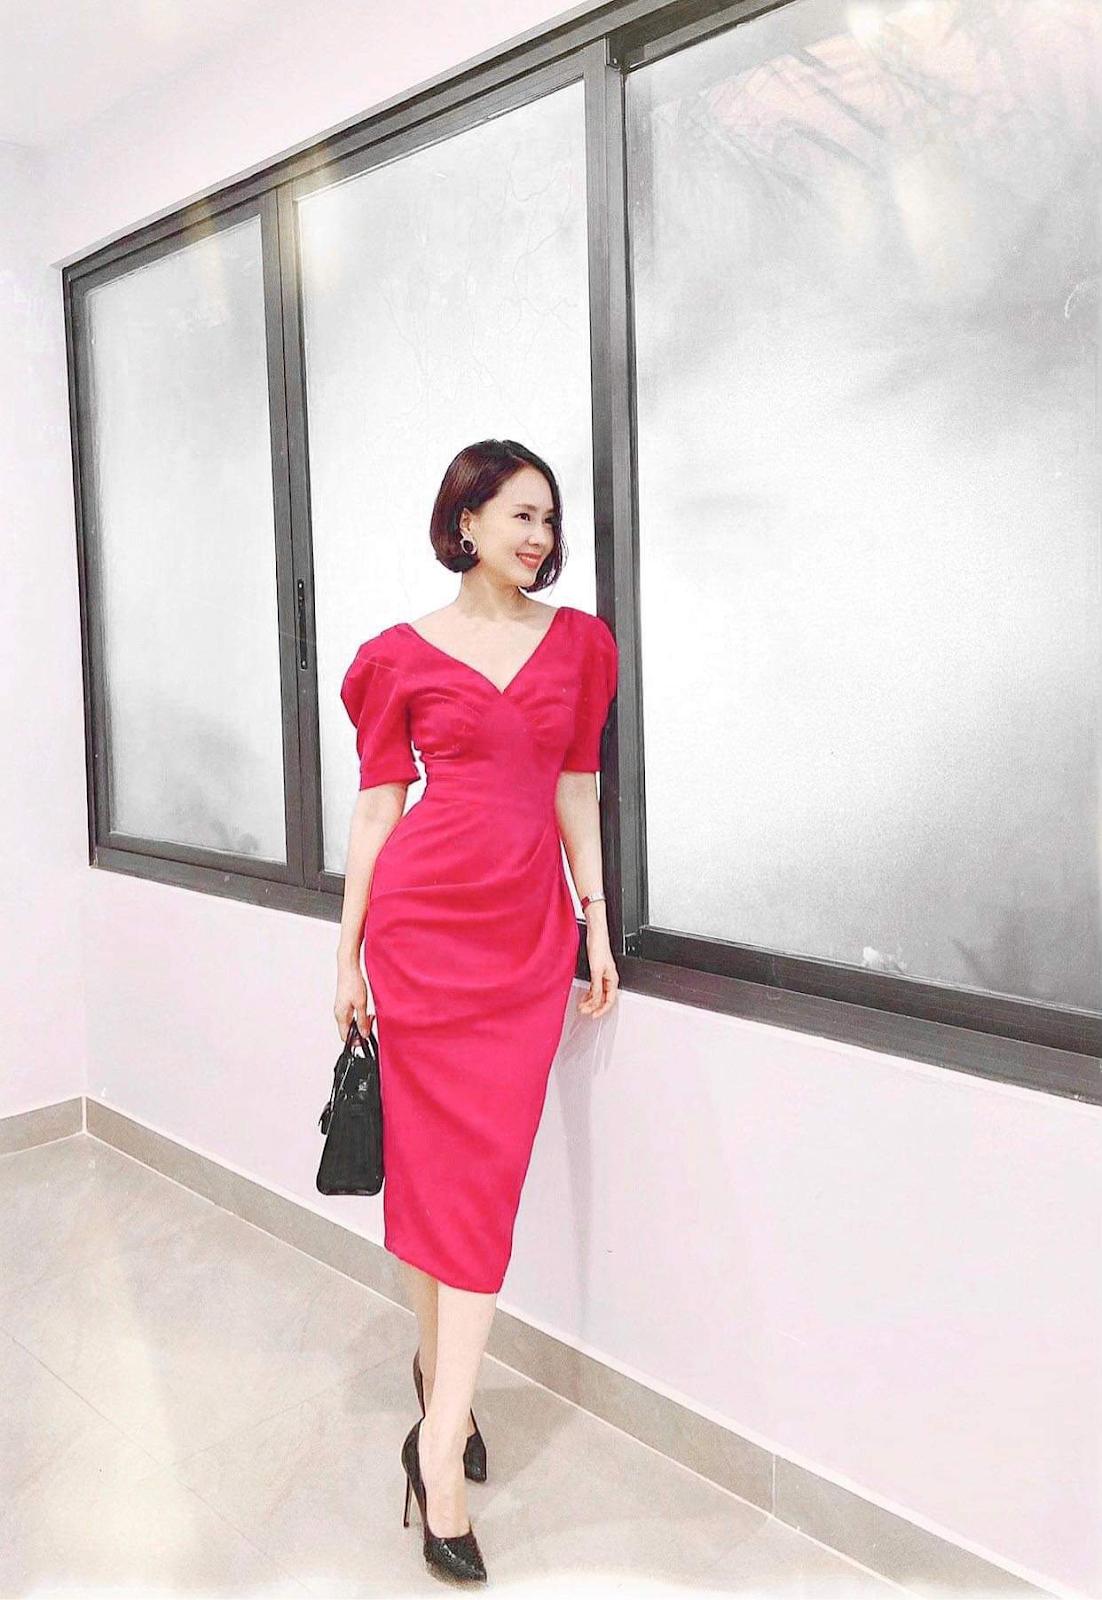 hồng diễm mặc các set đồ công sở hiện đại